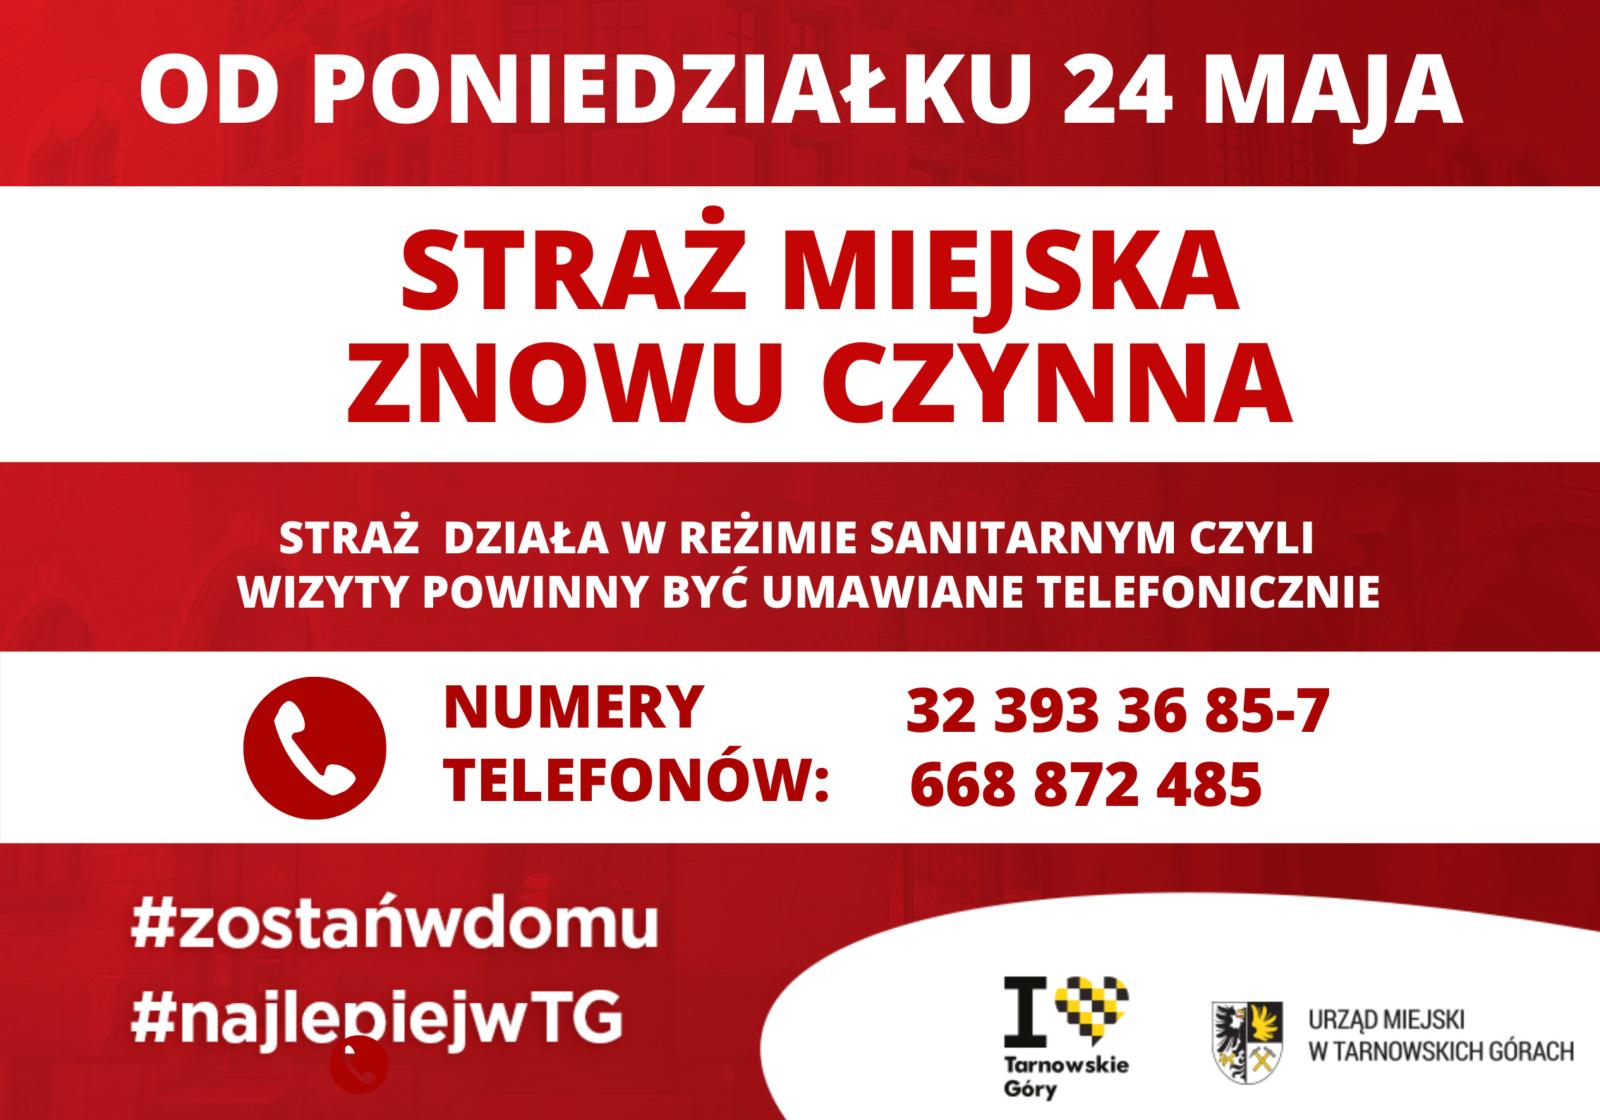 Od 24 maja Straż Miejska w Tarnowskich Górach znowu czynna - infografika